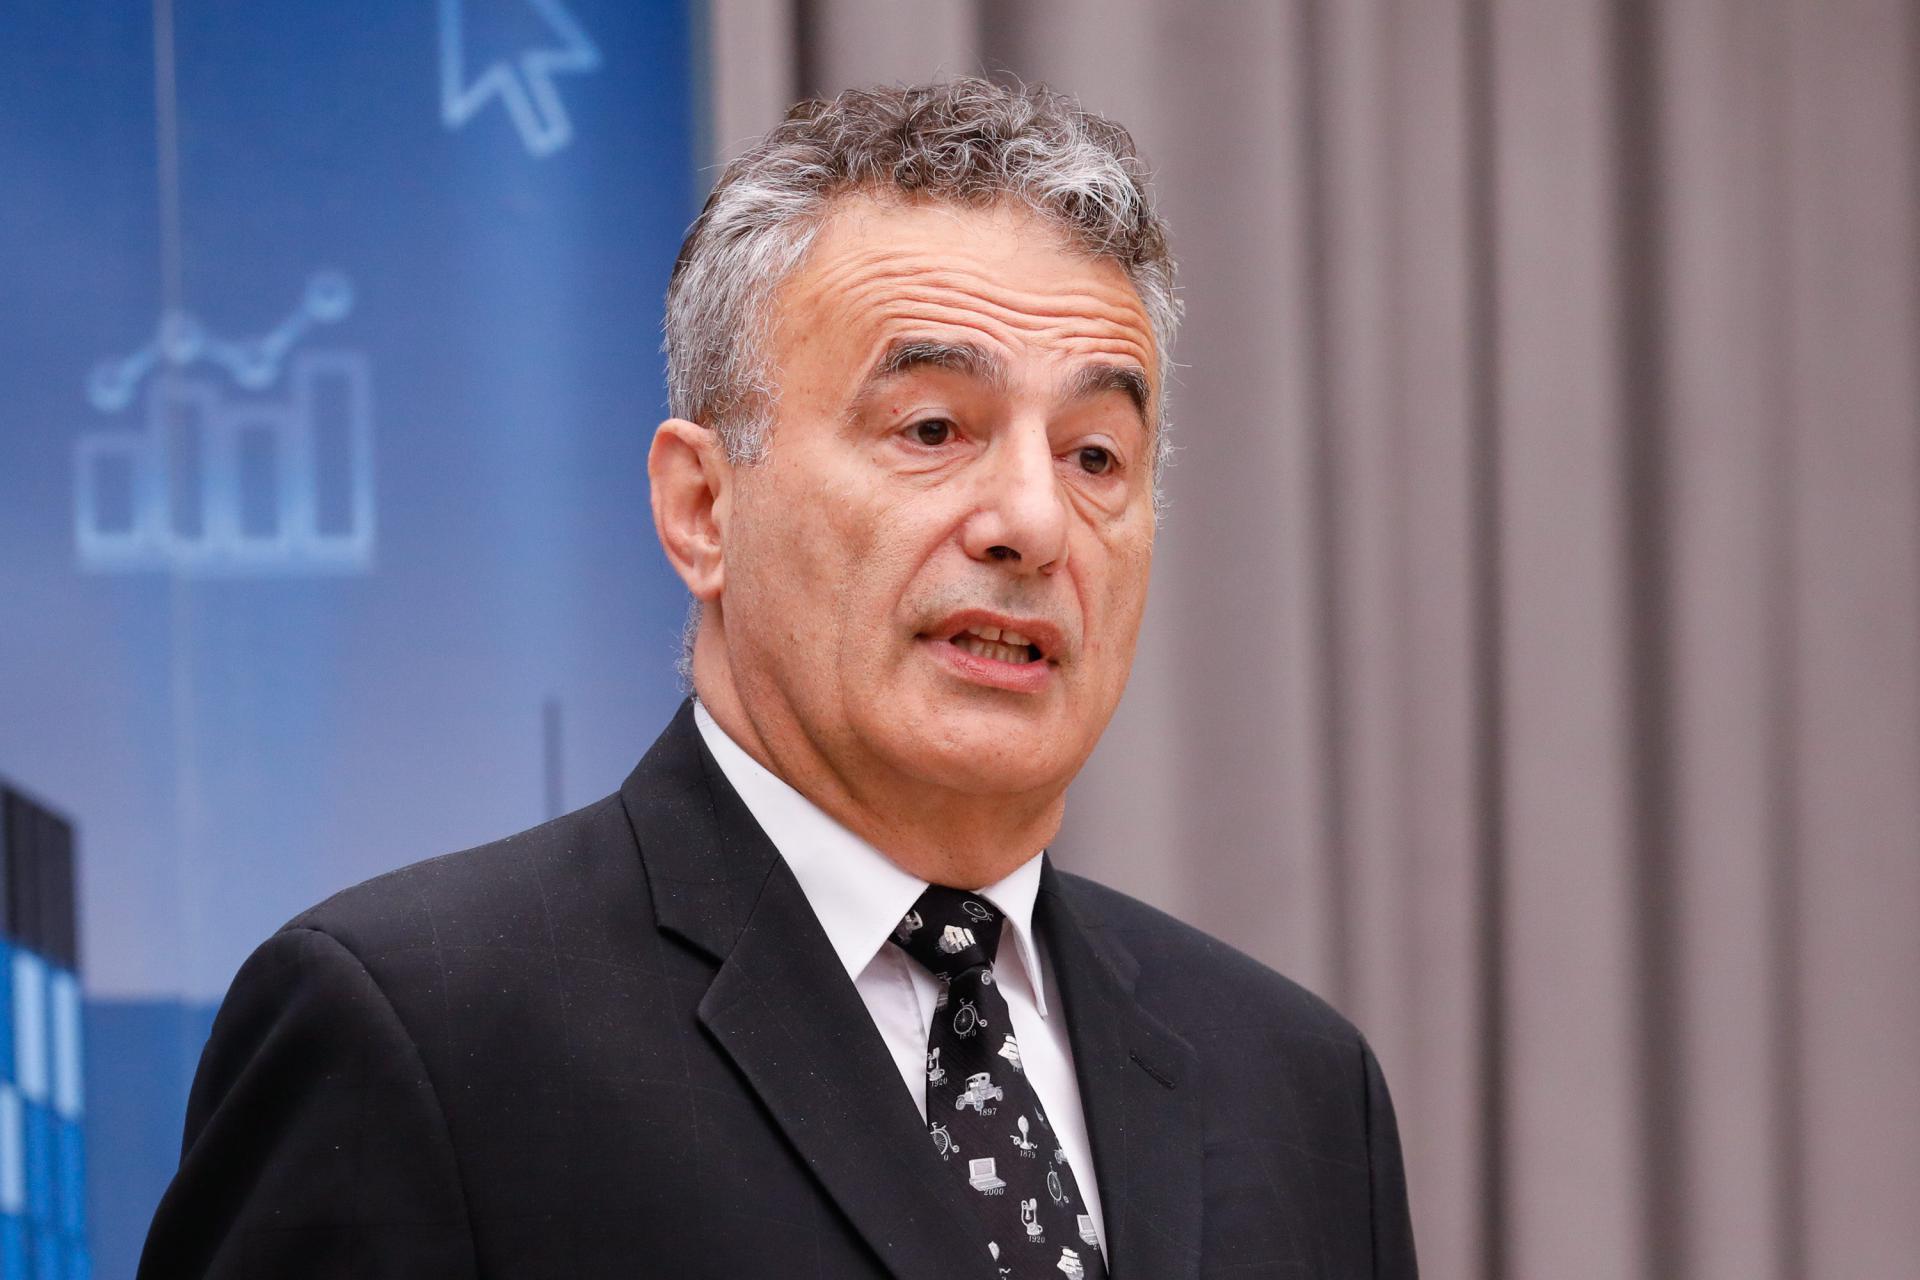 Pavle Kalinić potvrdio: Bandiću je pozlilo 30-ak minuta prije ponoći u jednom zagrebačkom restoranu